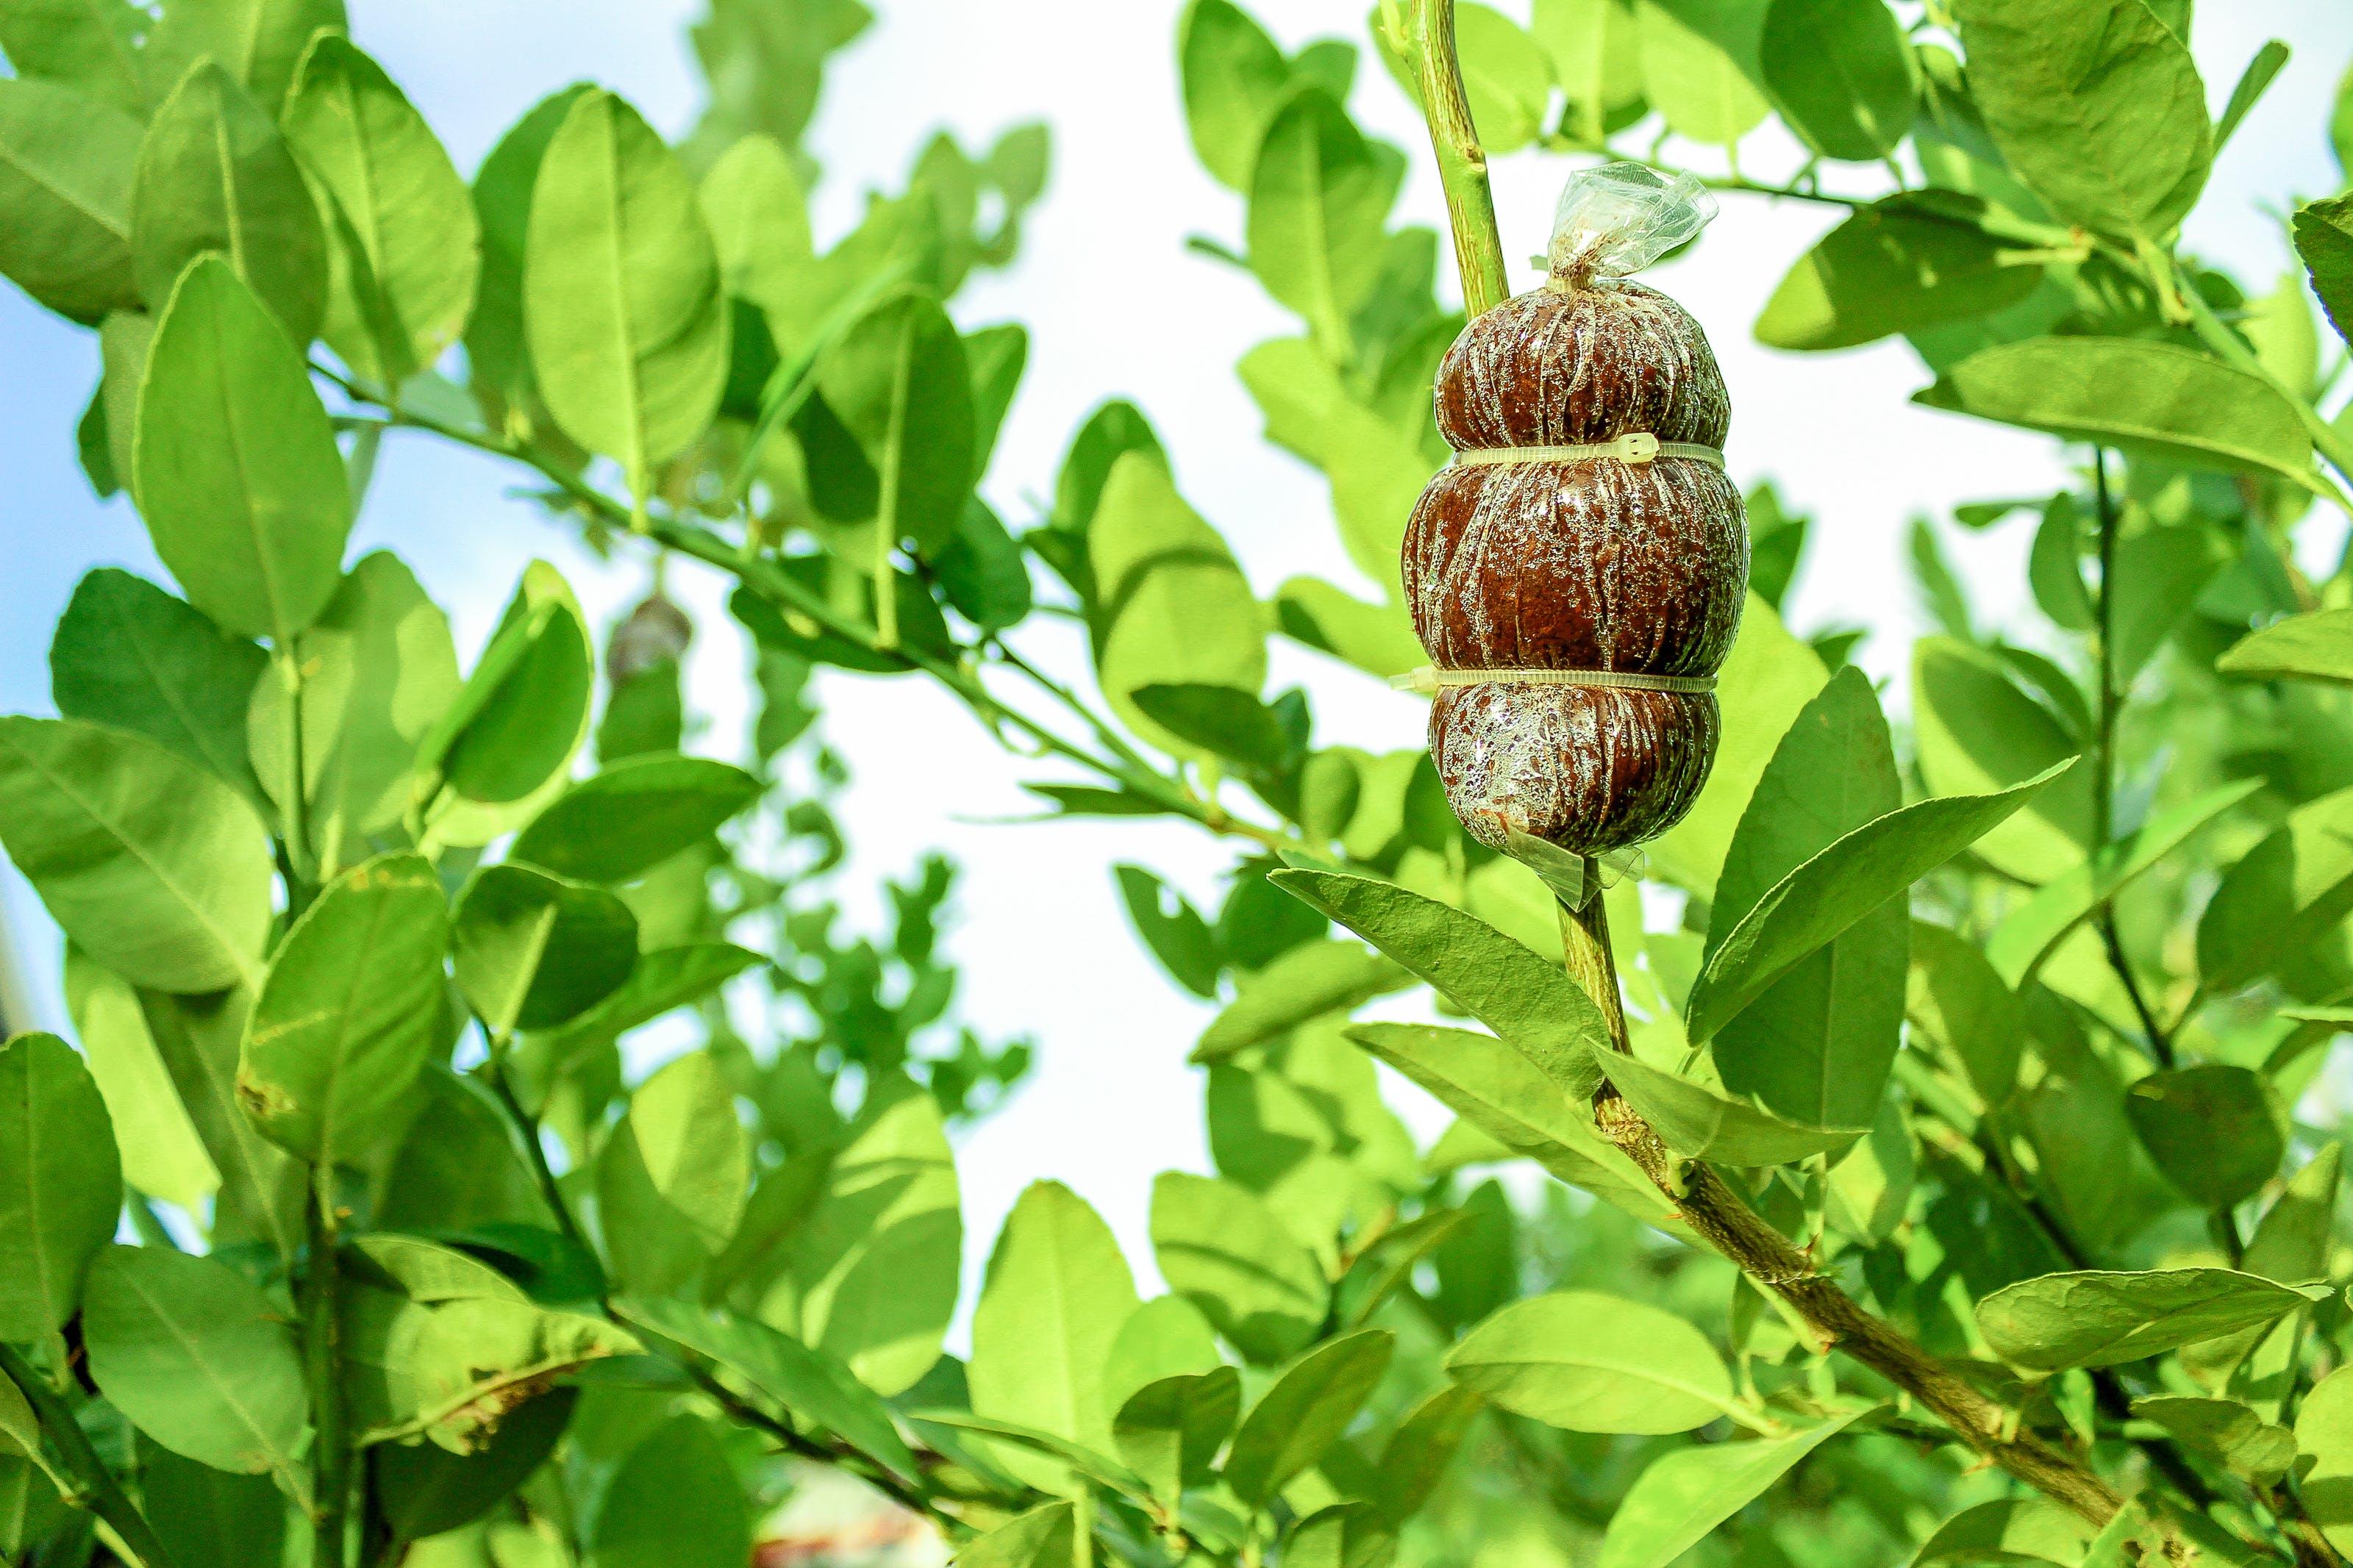 Gratis lagerfoto af dagtimer, frugt, grene, grøn